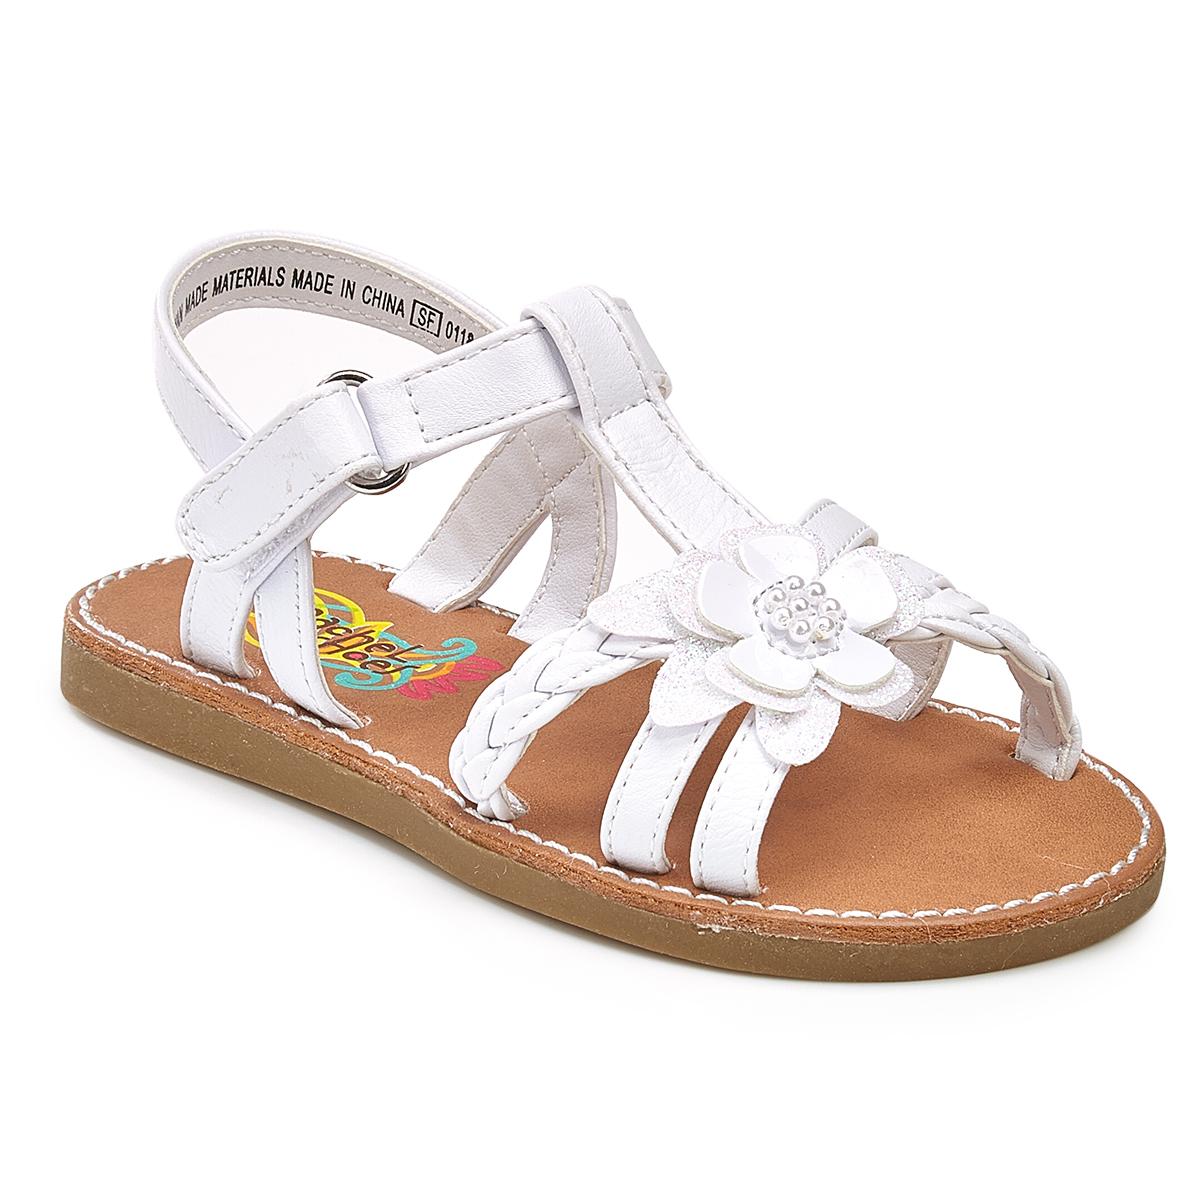 Rachel Shoes Toddler Girls' Krissy Flower Play Sandals - White, 8